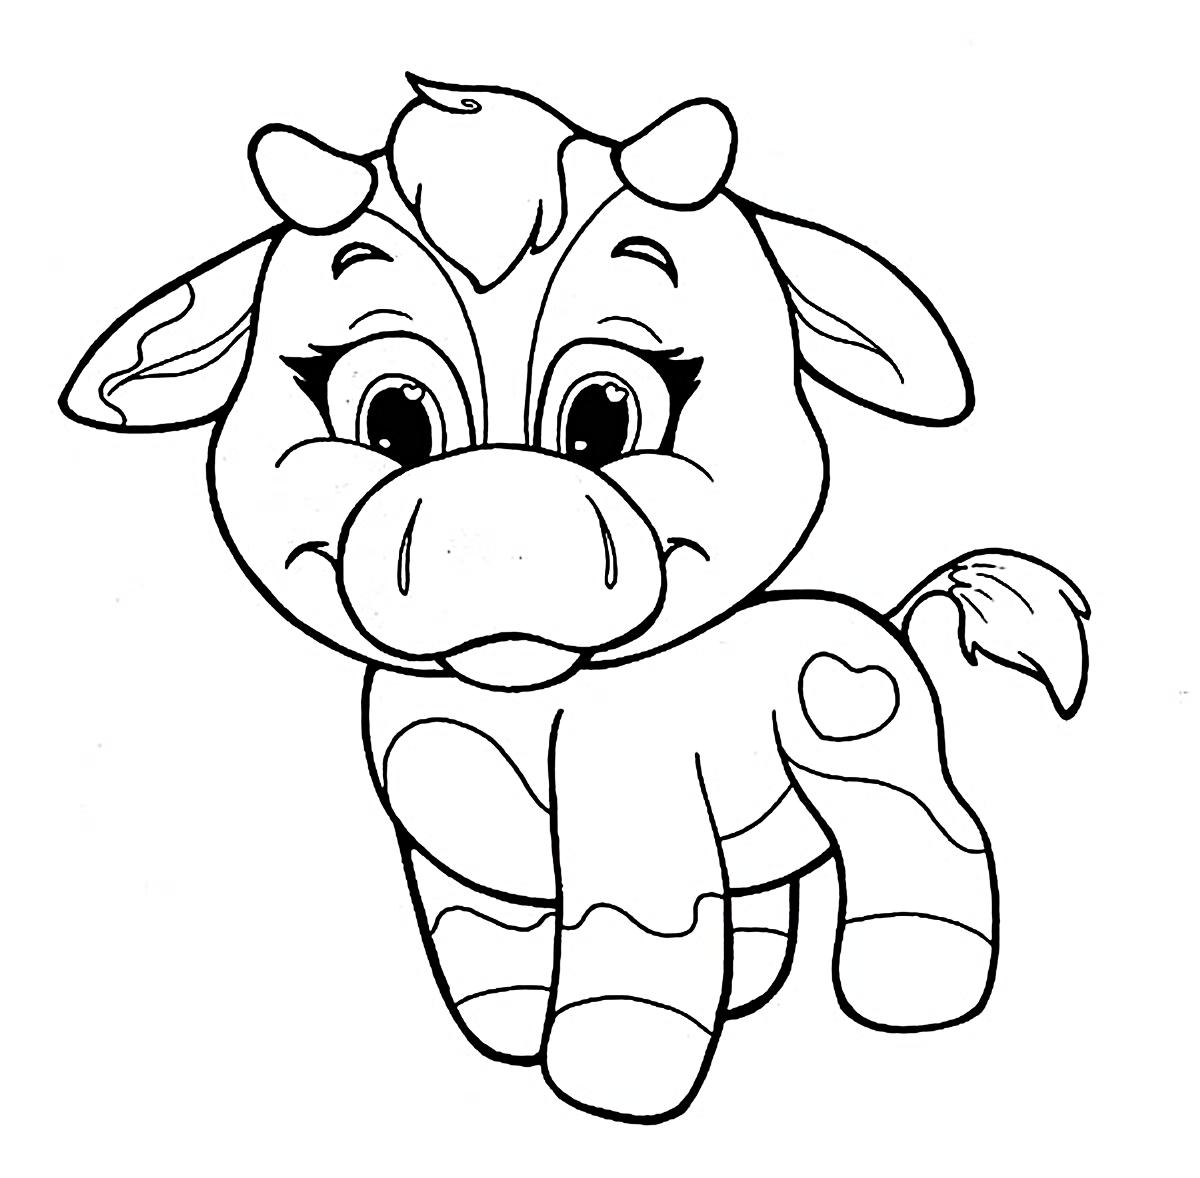 coloring pages of baby cows | Riscos graciosos (Cute Drawings): Riscos de vaquinhas (Cows)